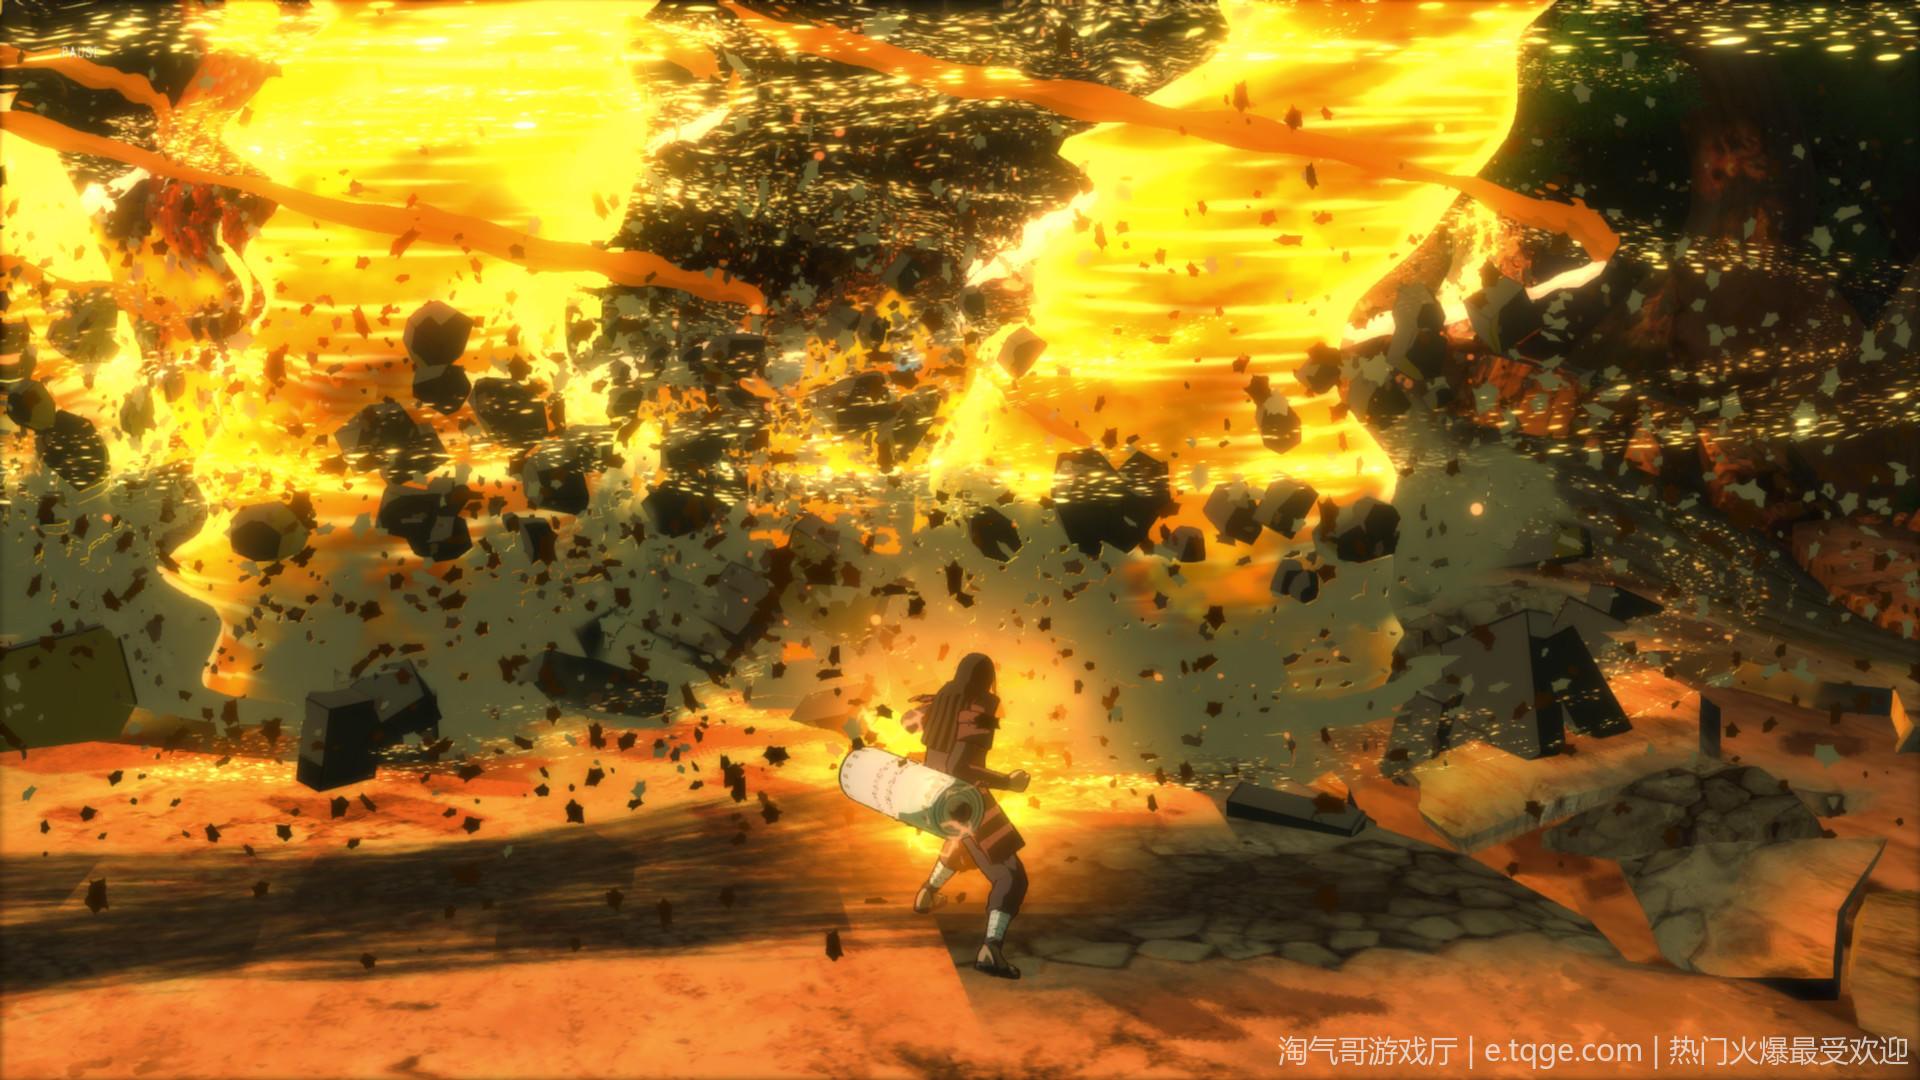 火影忍者:究极忍者风暴4 集成博人之路全部DLCs 整合版 动作冒险 第4张